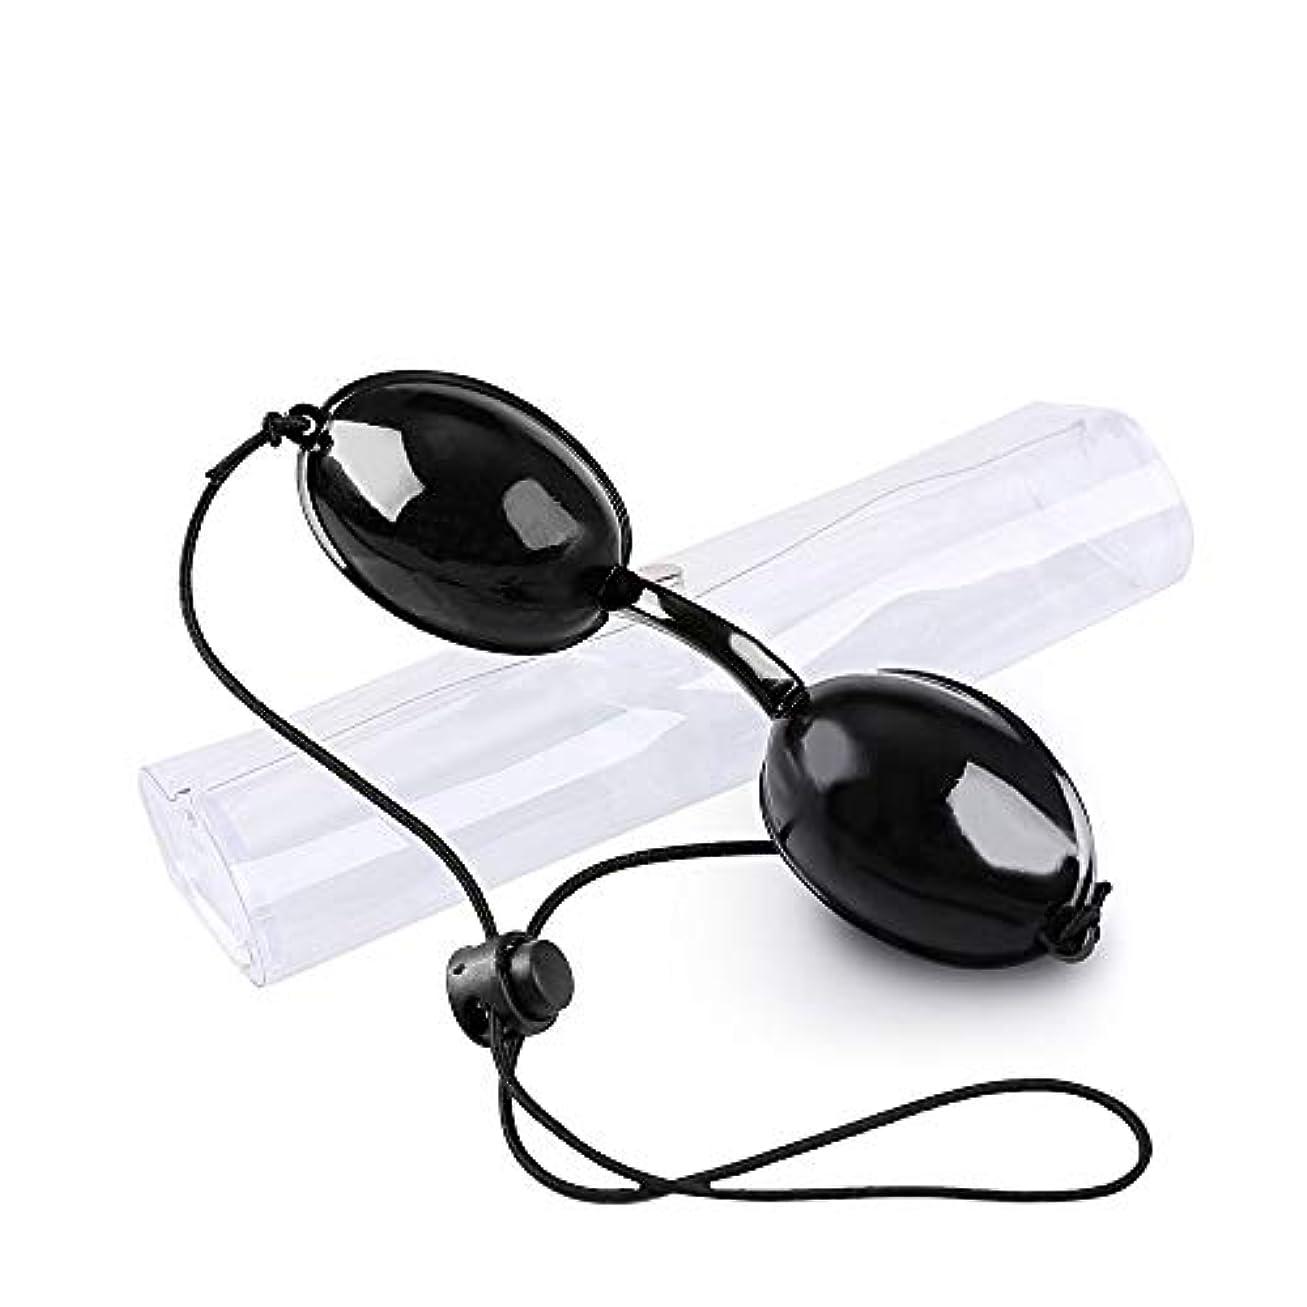 ミシン目スピリチュアル重大美容レーザー眉保護眼鏡 アイガード メガネ 保護ゴーグル 美容機器用 ブラック